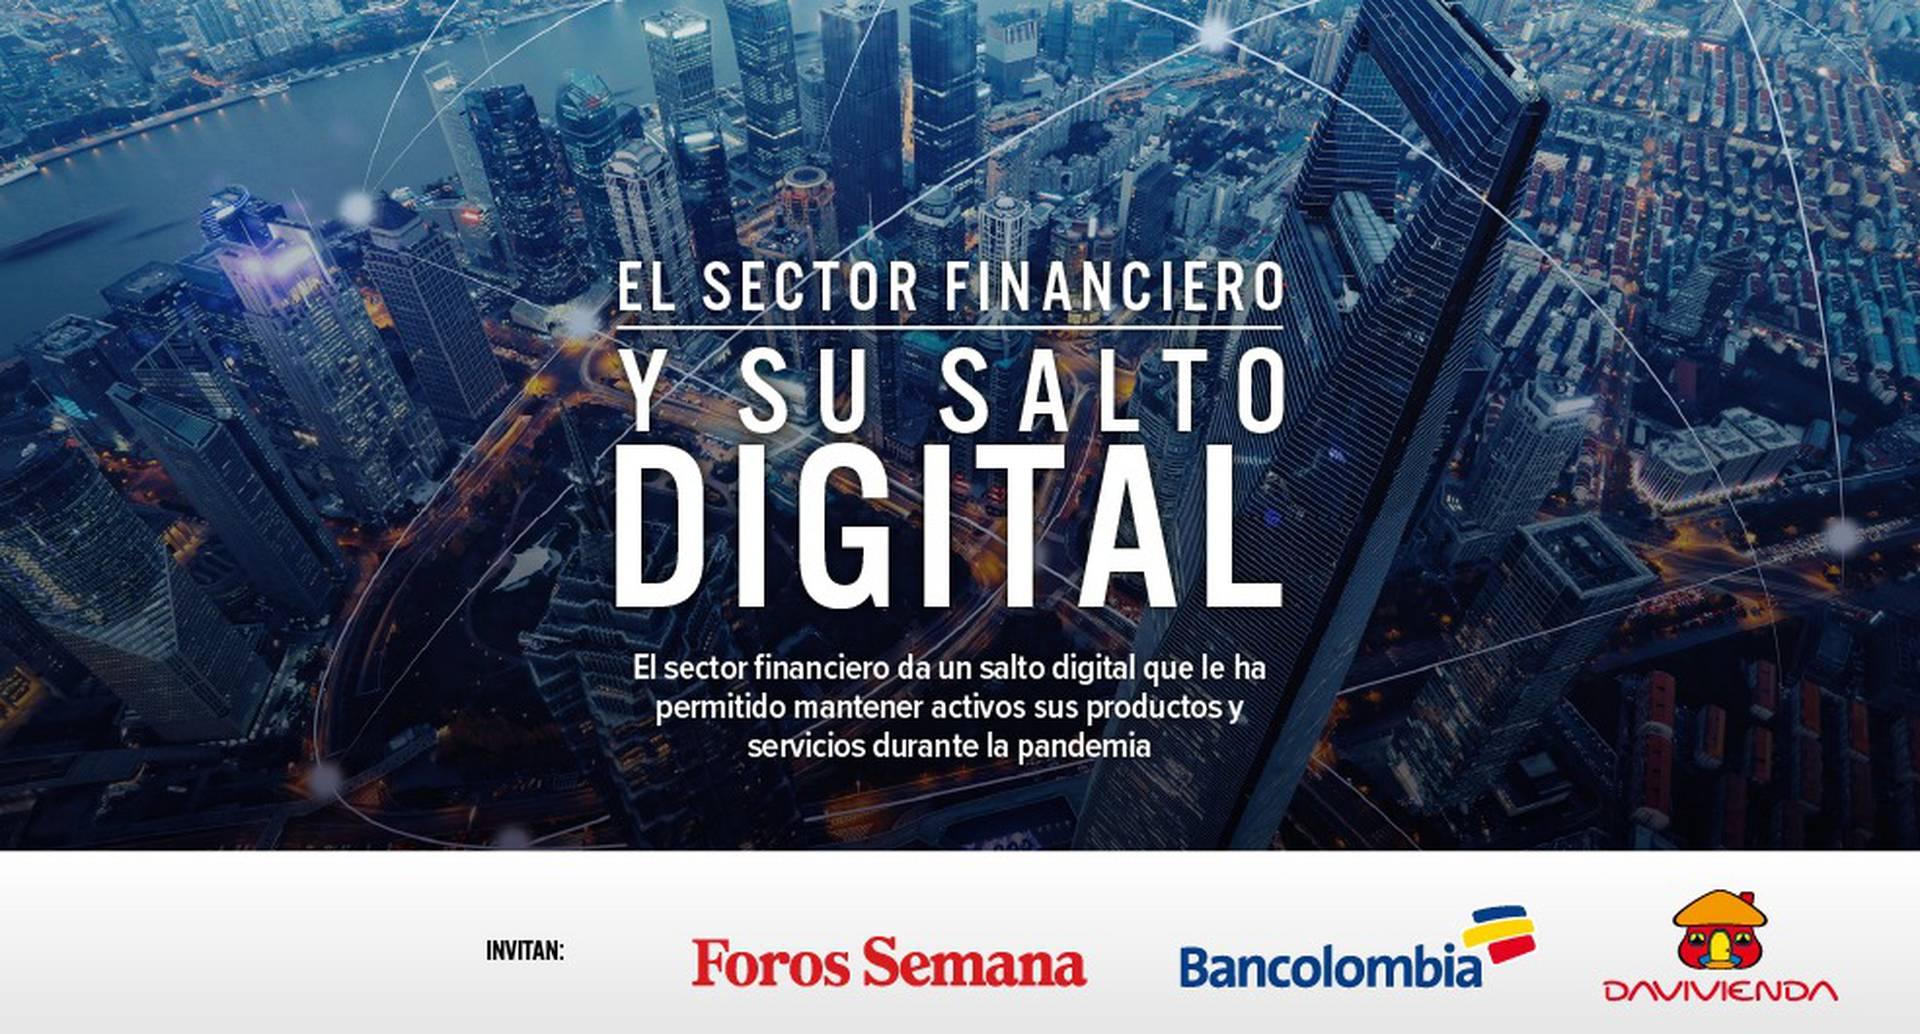 El sector financiero y su salto digital